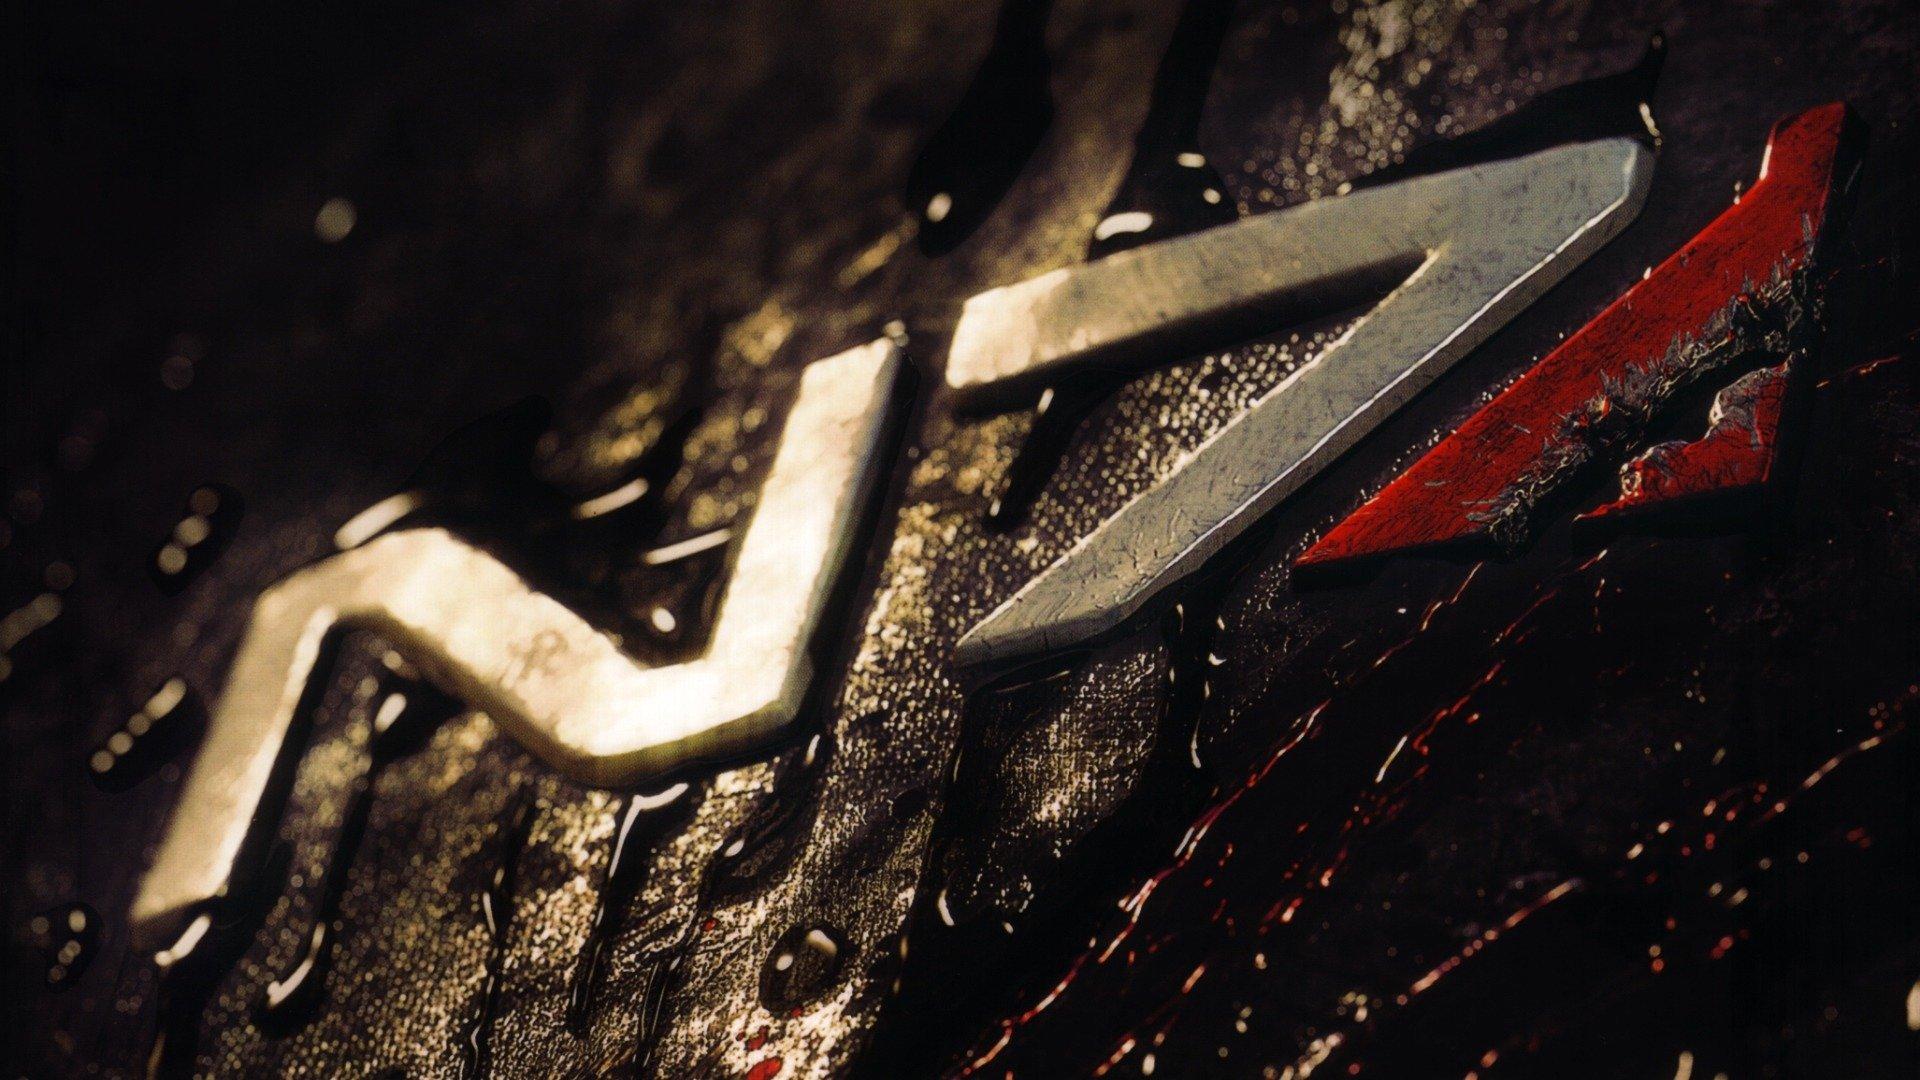 Mass Effect 2 Wallpapers 1920x1080 Full Hd 1080p Desktop Backgrounds